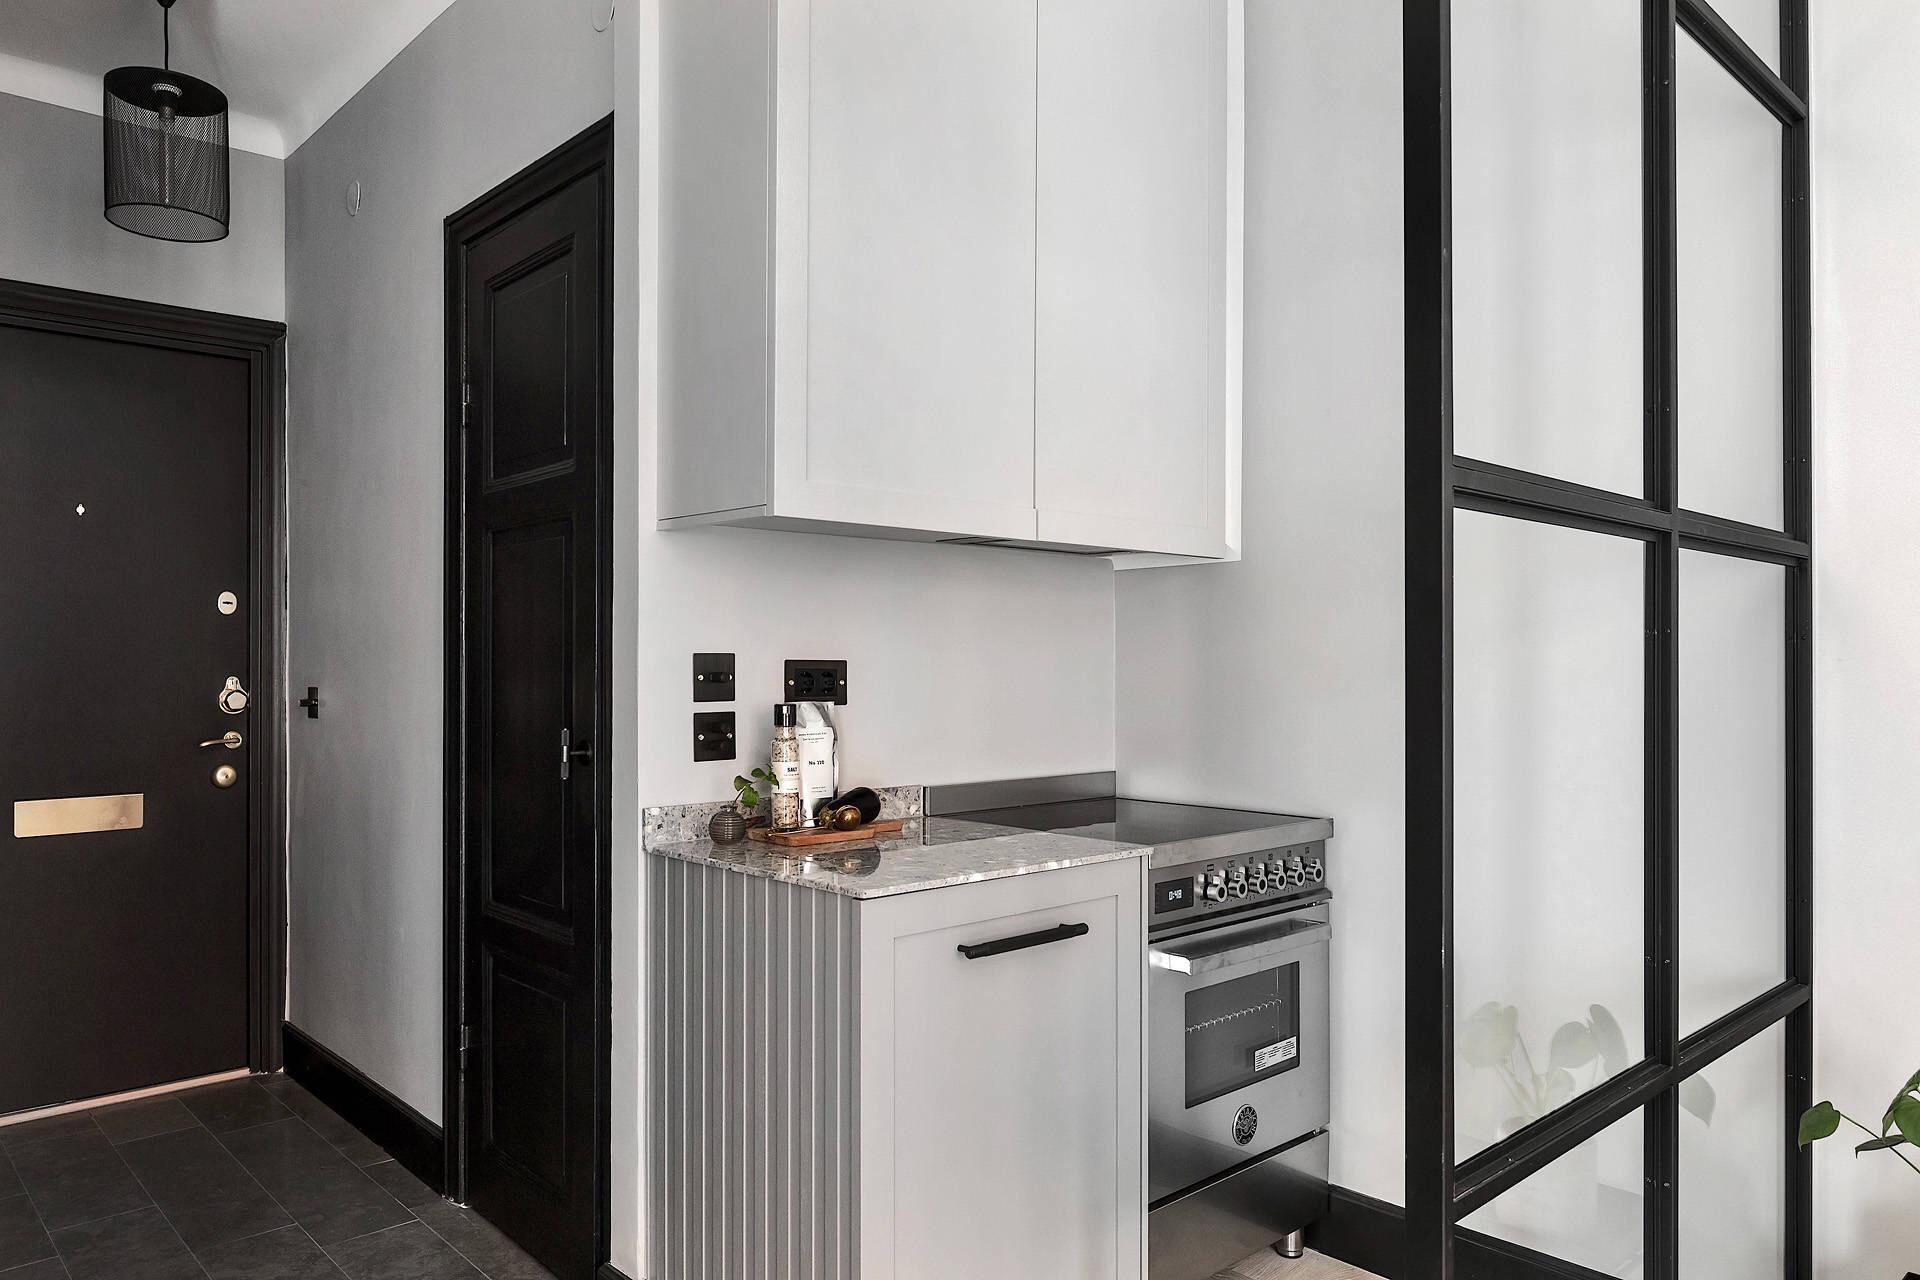 стеклянная перегородка кухонная мебель серые фасады столешница варочная панель духовка встроенная вытяжка